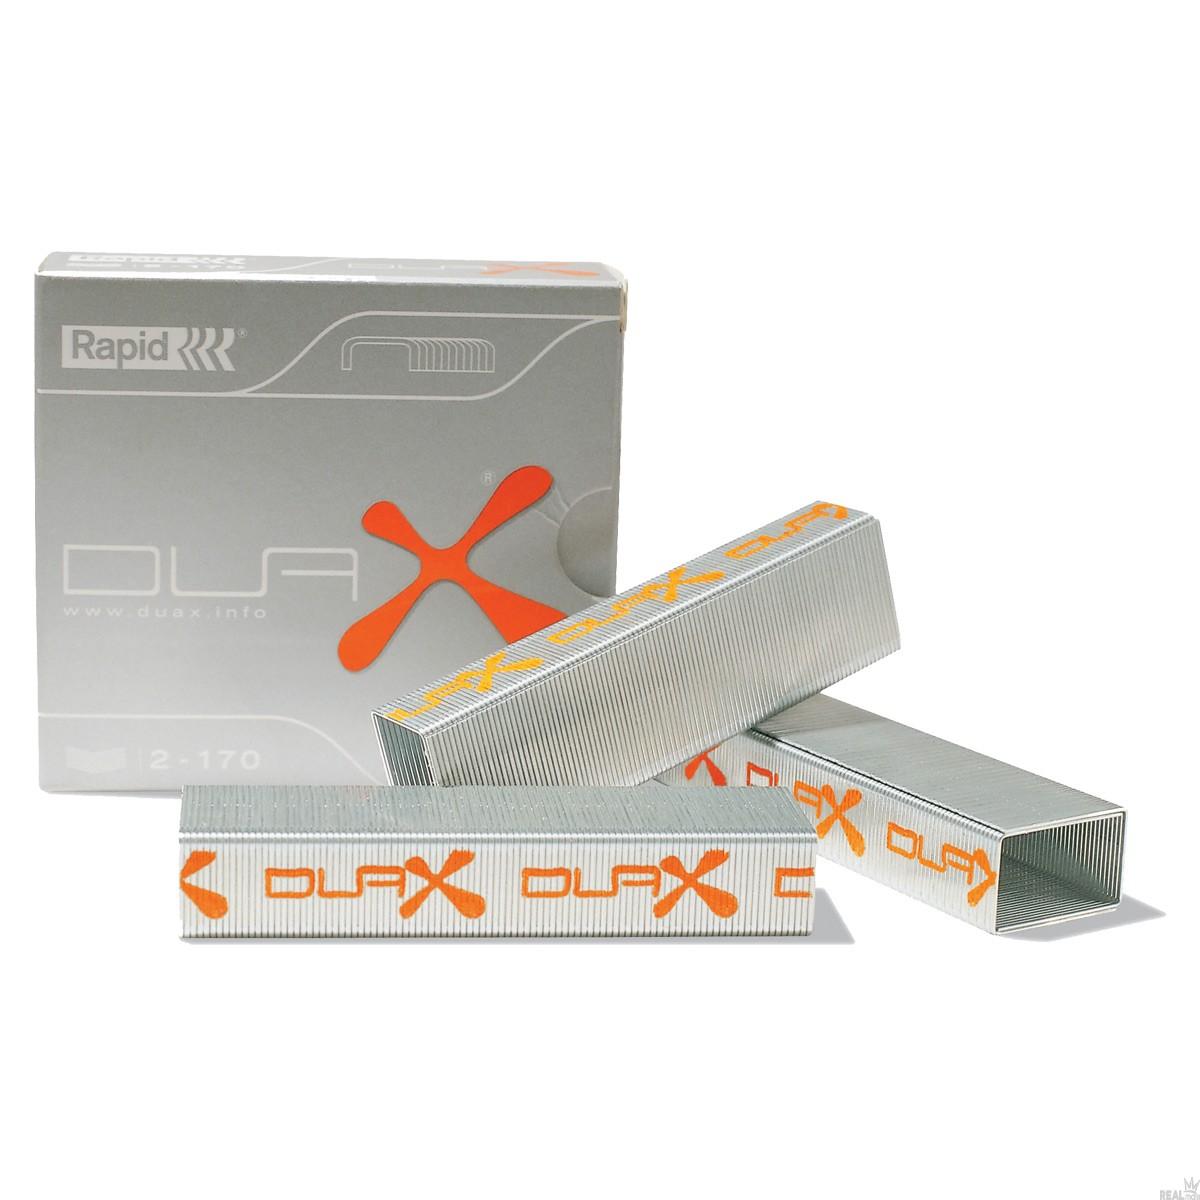 Grampos Rapid Duax - Caixa com 1000 grampos 14920